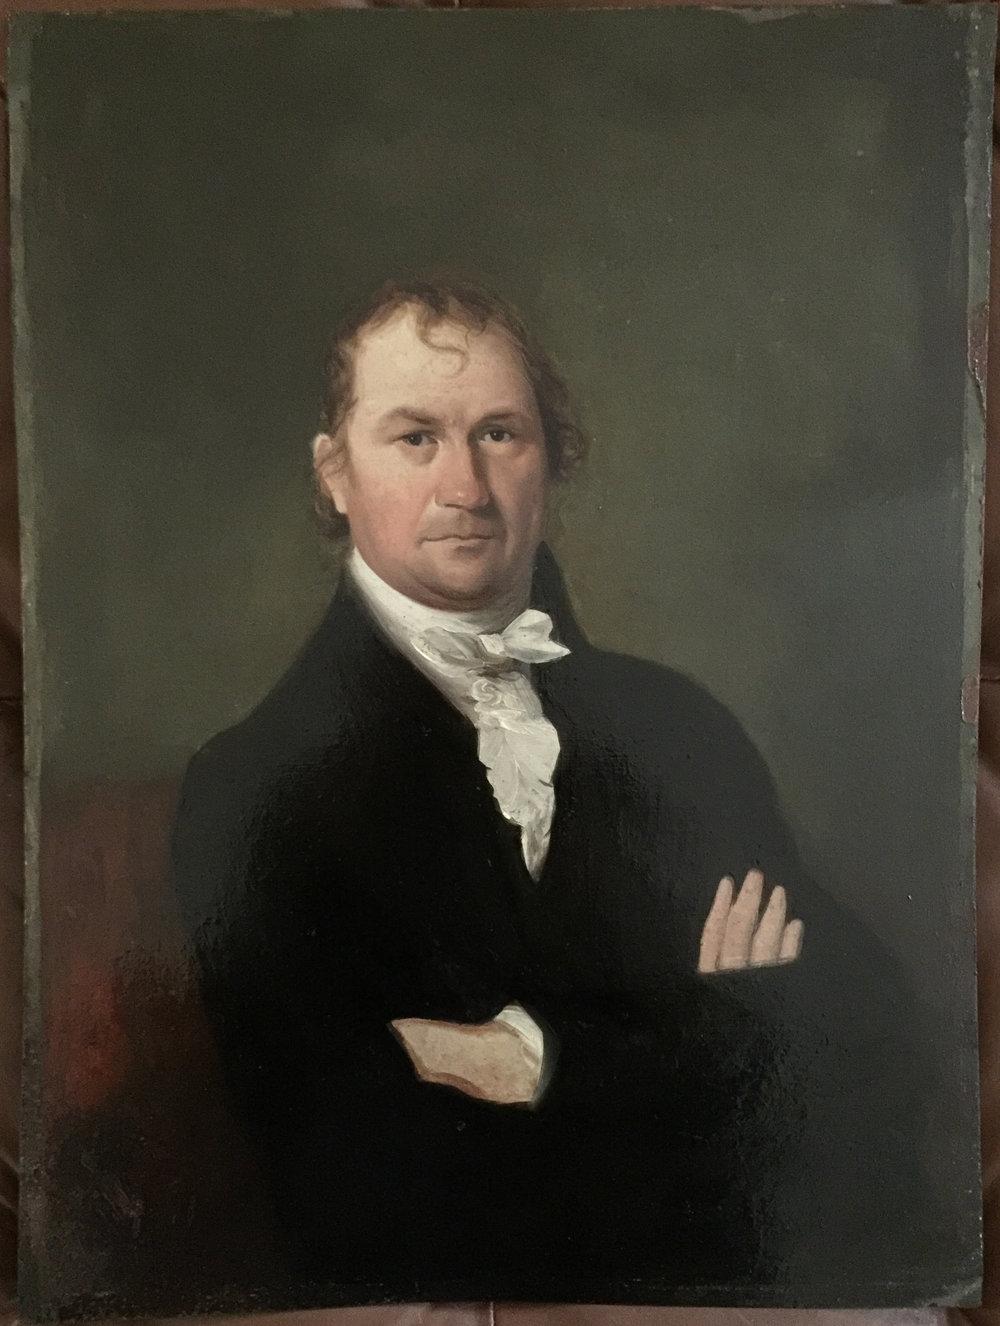 Portrait of John Jeremias Van Rensselaer